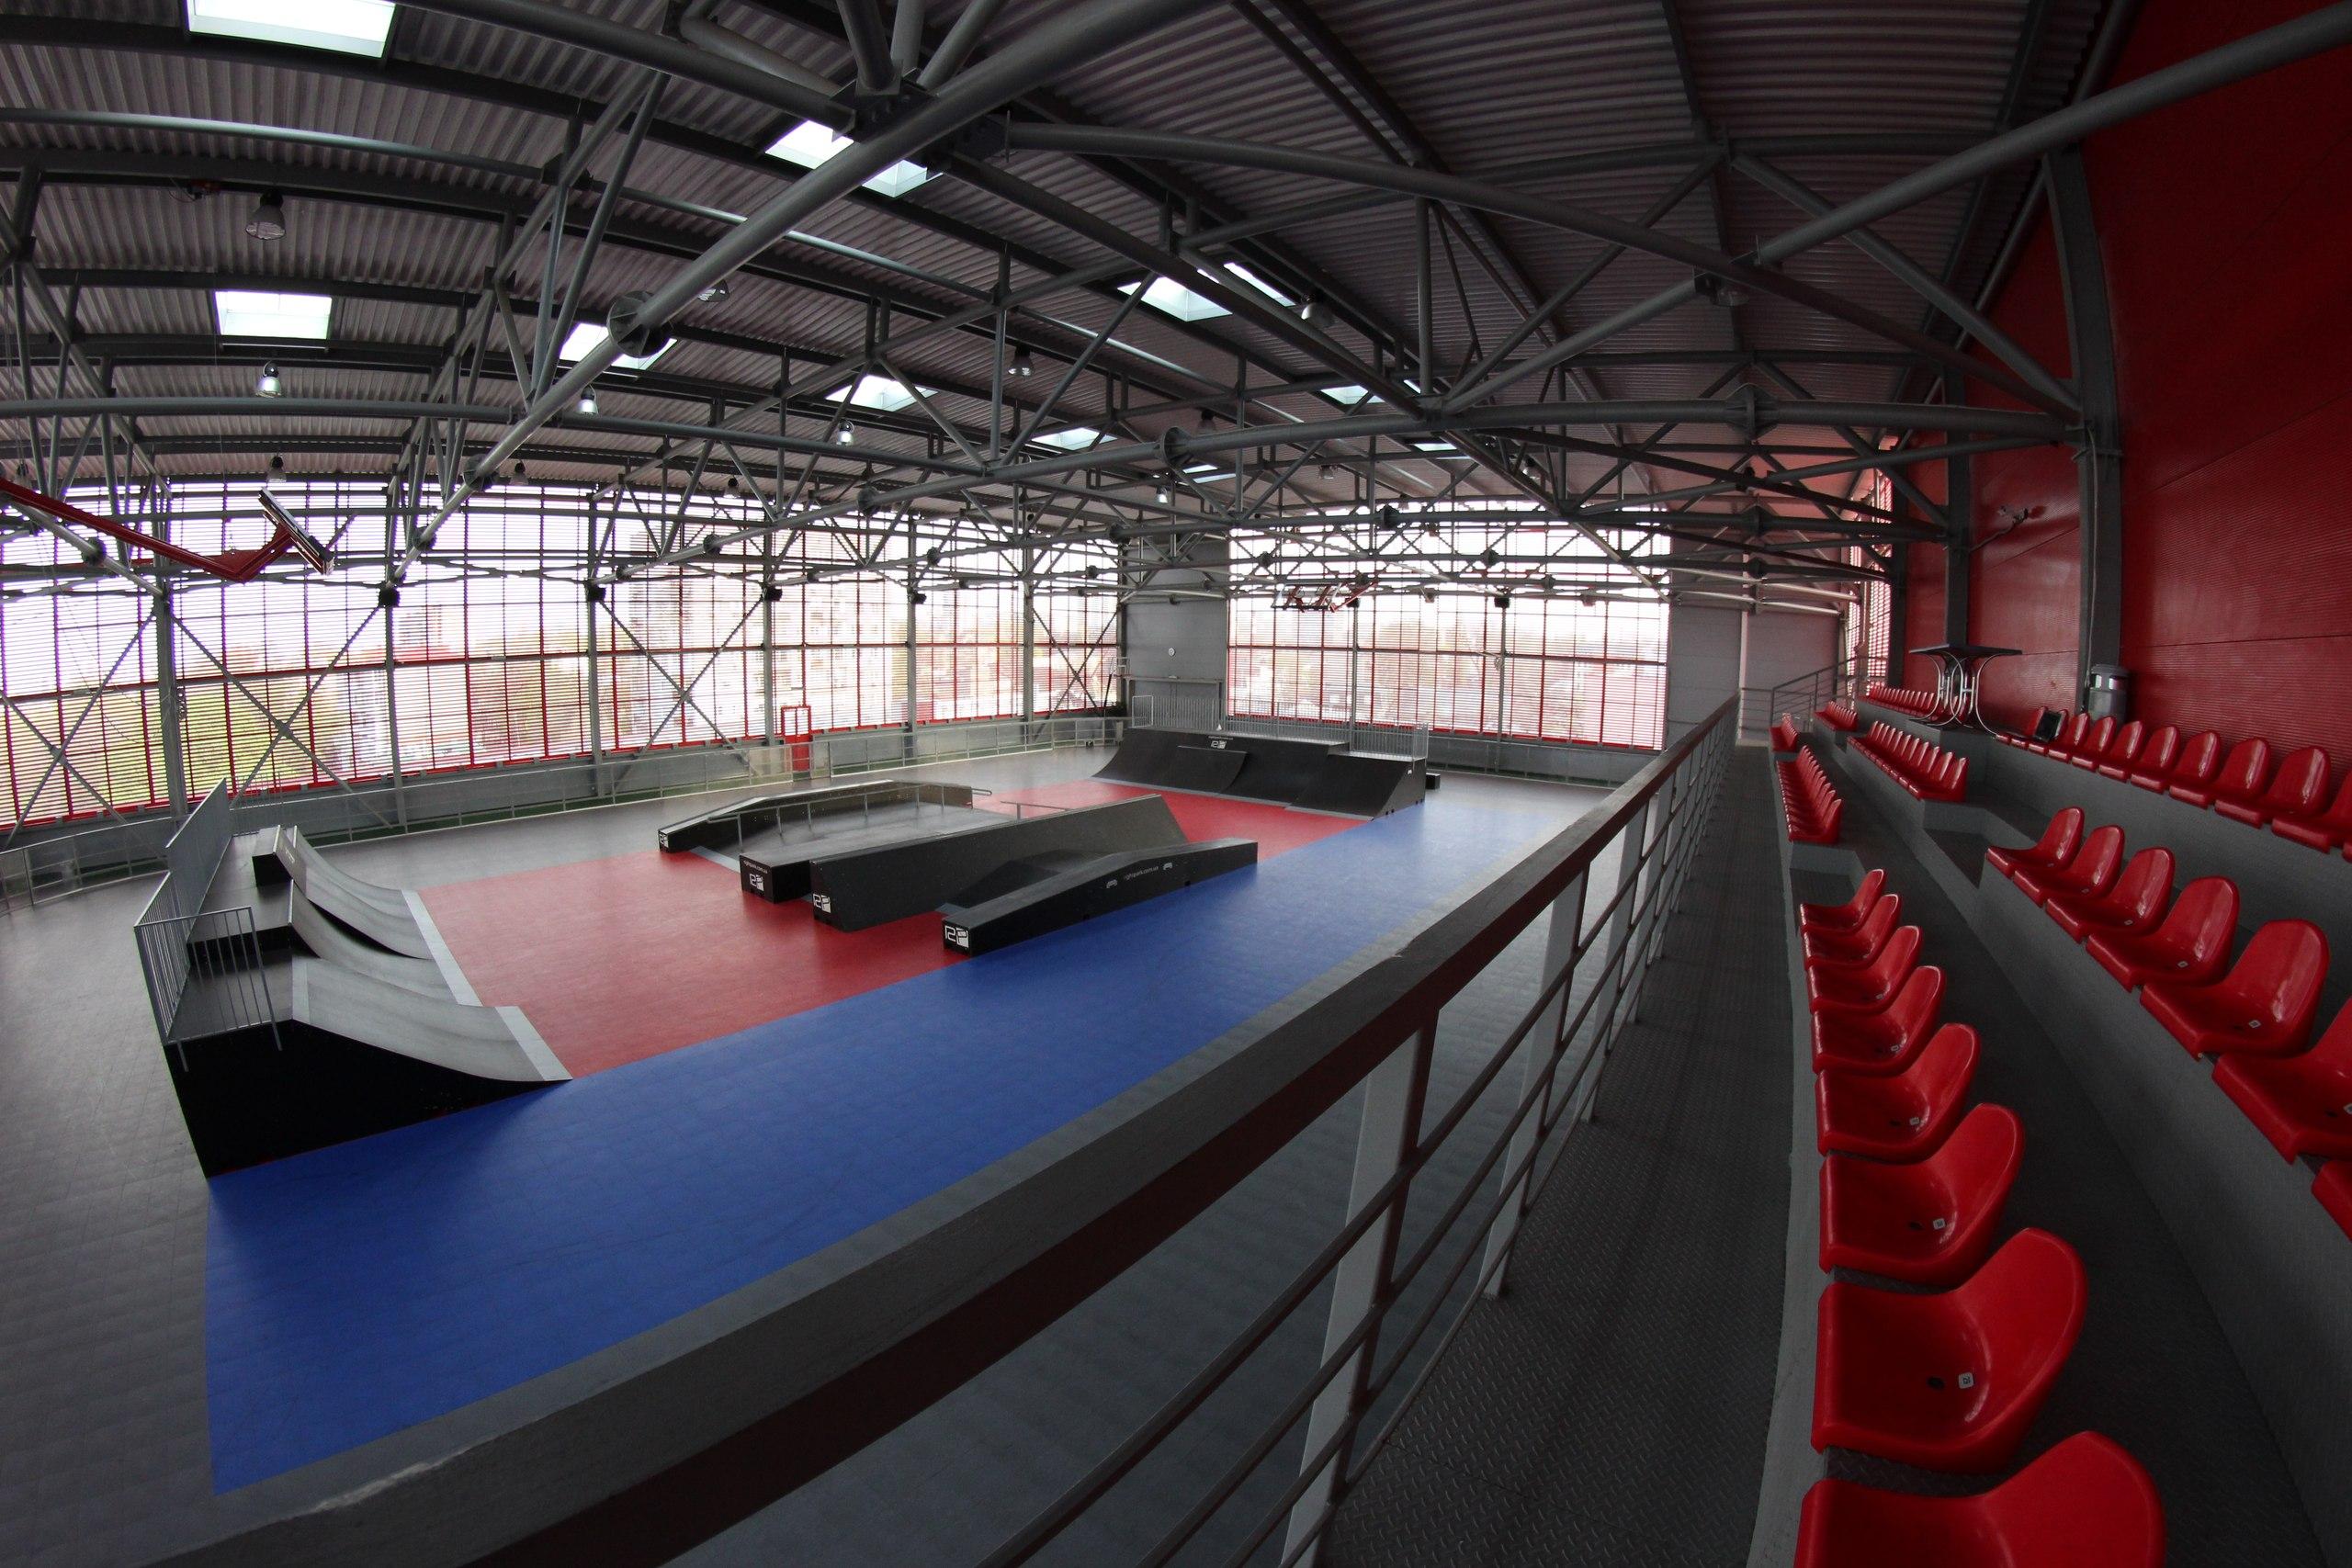 Скейтпарк на даху ТЦ Приозерний Дніпропетровськ 2013